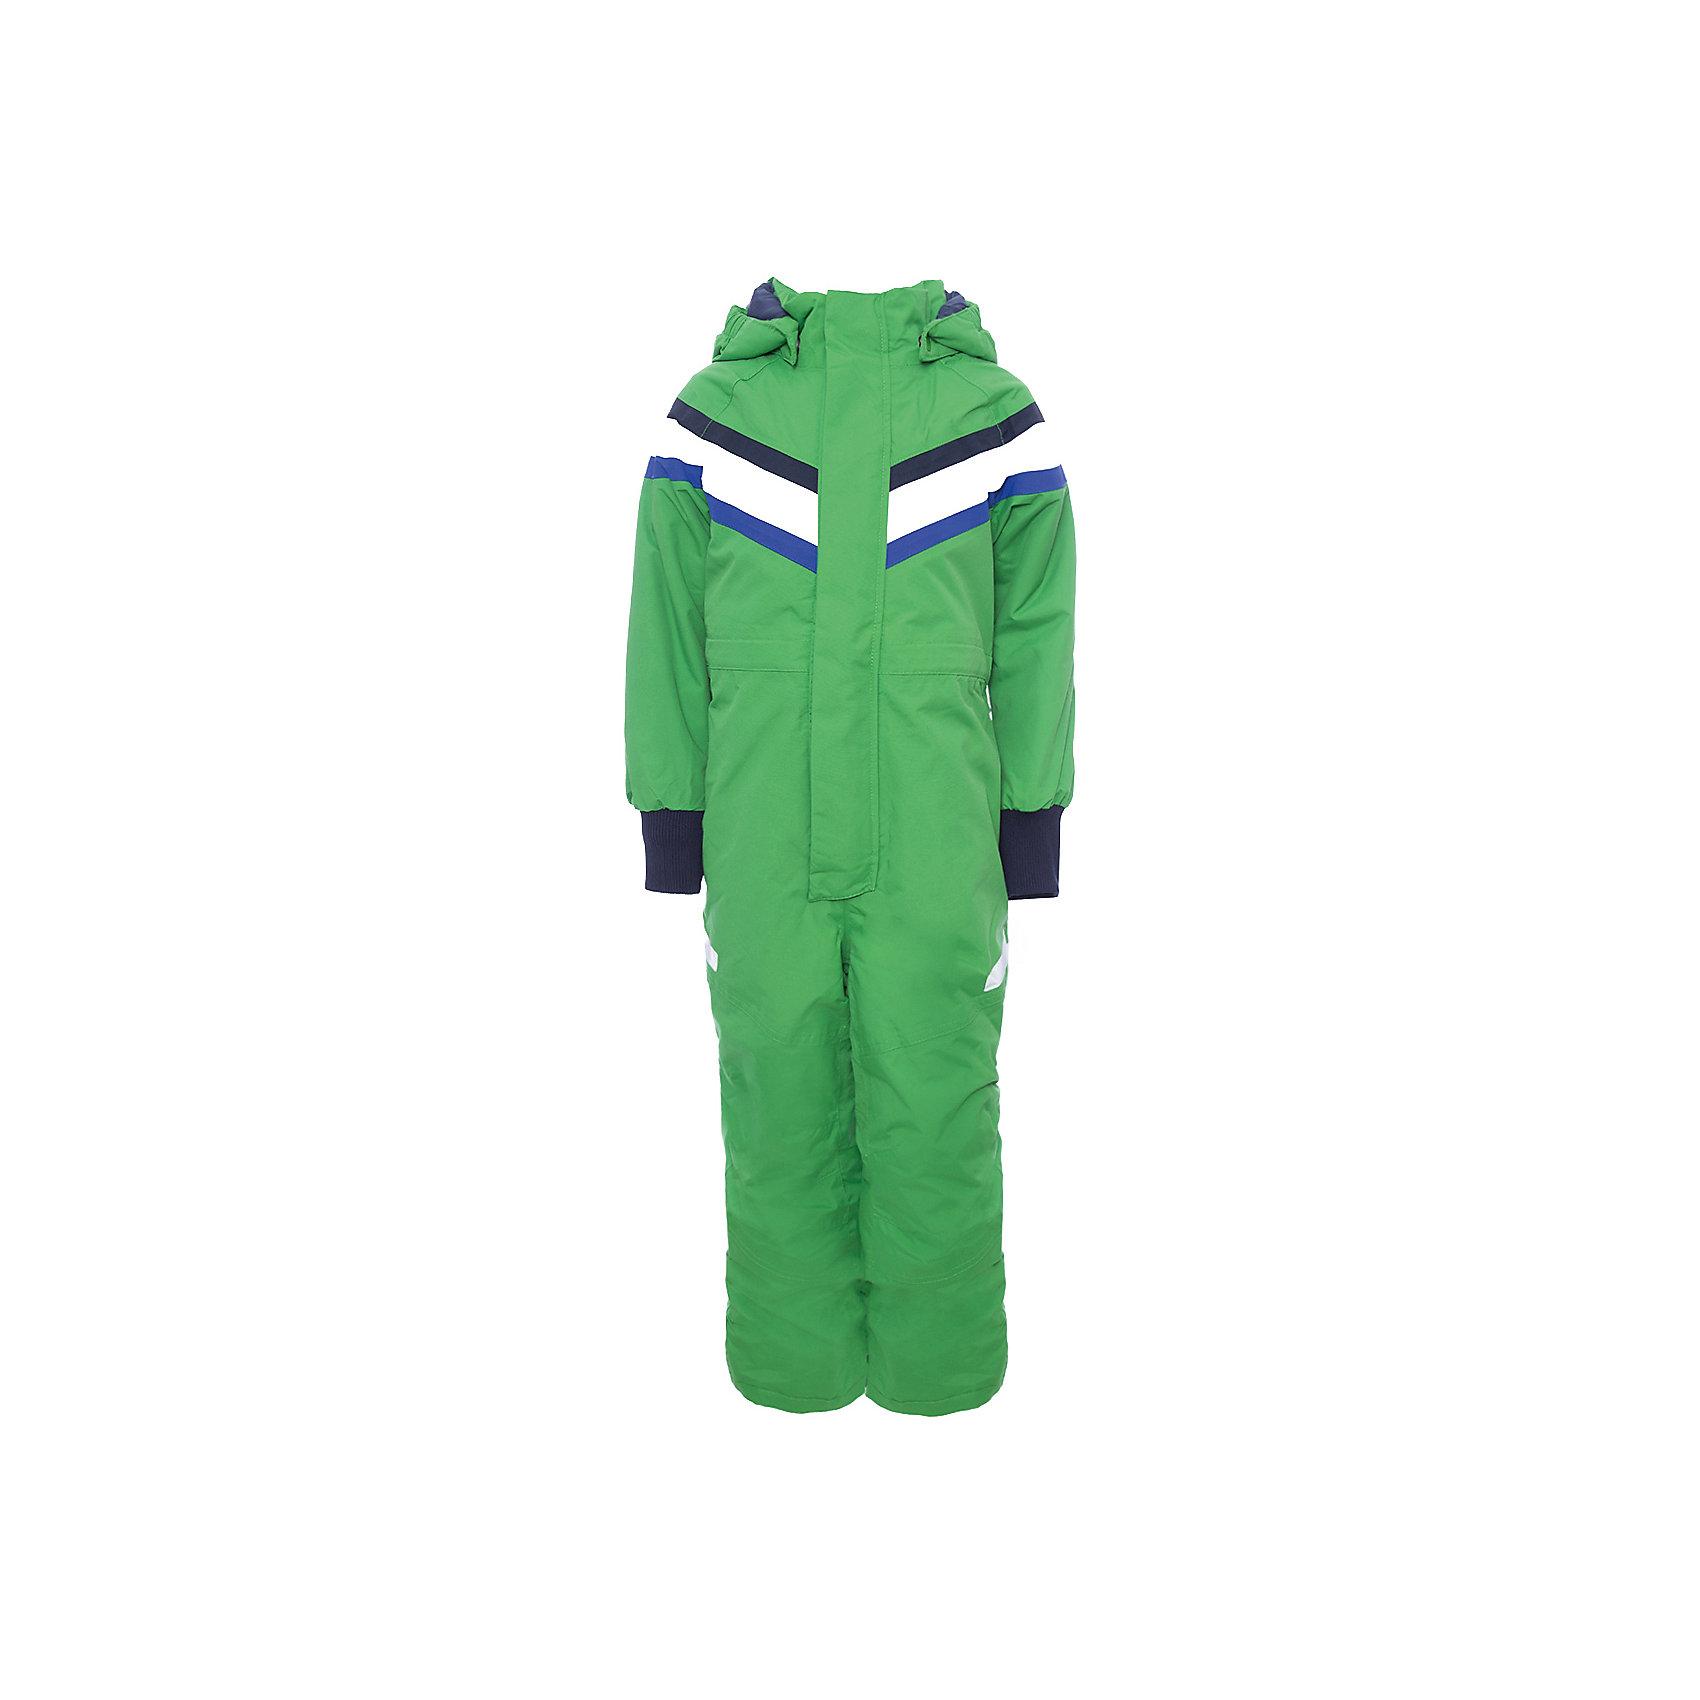 Комбинезон ROMME DIDRIKSONSВерхняя одежда<br>Характеристики товара:<br><br>• цвет: зеленый<br>• состав ткани: 100% полиэстер<br>• подкладка: 100% полиэстер<br>• утеплитель: 100% полиэстер<br>• сезон: зима<br>• мембранное покрытие<br>• температурный режим: от -20 до 0<br>• водонепроницаемость: 10000 мм <br>• паропроницаемость: 4000 г/м2<br>• плотность утеплителя: 140г/м2<br>• швы проклеены<br>• капюшон: без меха, съемный<br>• застежка: молния, кнопки<br>• регулируемые капюшон, талия, рукава и ширина штанин<br>• снежные гетры<br>• крепления для перчаток и ботинок<br>• светоотражающие детали<br>• конструкция позволяет увеличить длину рукава и штанин на один размер<br>• страна бренда: Швеция<br>• страна изготовитель: Китай<br><br>Этот мембранный зимний комбинезон для ребенка отличается продуманным дизайном. Непромокаемый и непродуваемый верх детского комбинезона не мешает циркуляции воздуха. Модный комбинезон для мальчика Didriksons рассчитан даже на сильные морозы. Детский комбинезон от известного шведского бренда теплый и легкий. <br><br>Комбинезон Romme Didriksons (Дидриксонс) можно купить в нашем интернет-магазине.<br><br>Ширина мм: 356<br>Глубина мм: 10<br>Высота мм: 245<br>Вес г: 519<br>Цвет: зеленый<br>Возраст от месяцев: 12<br>Возраст до месяцев: 15<br>Пол: Унисекс<br>Возраст: Детский<br>Размер: 80,140,130,120,110,100,90<br>SKU: 7045180